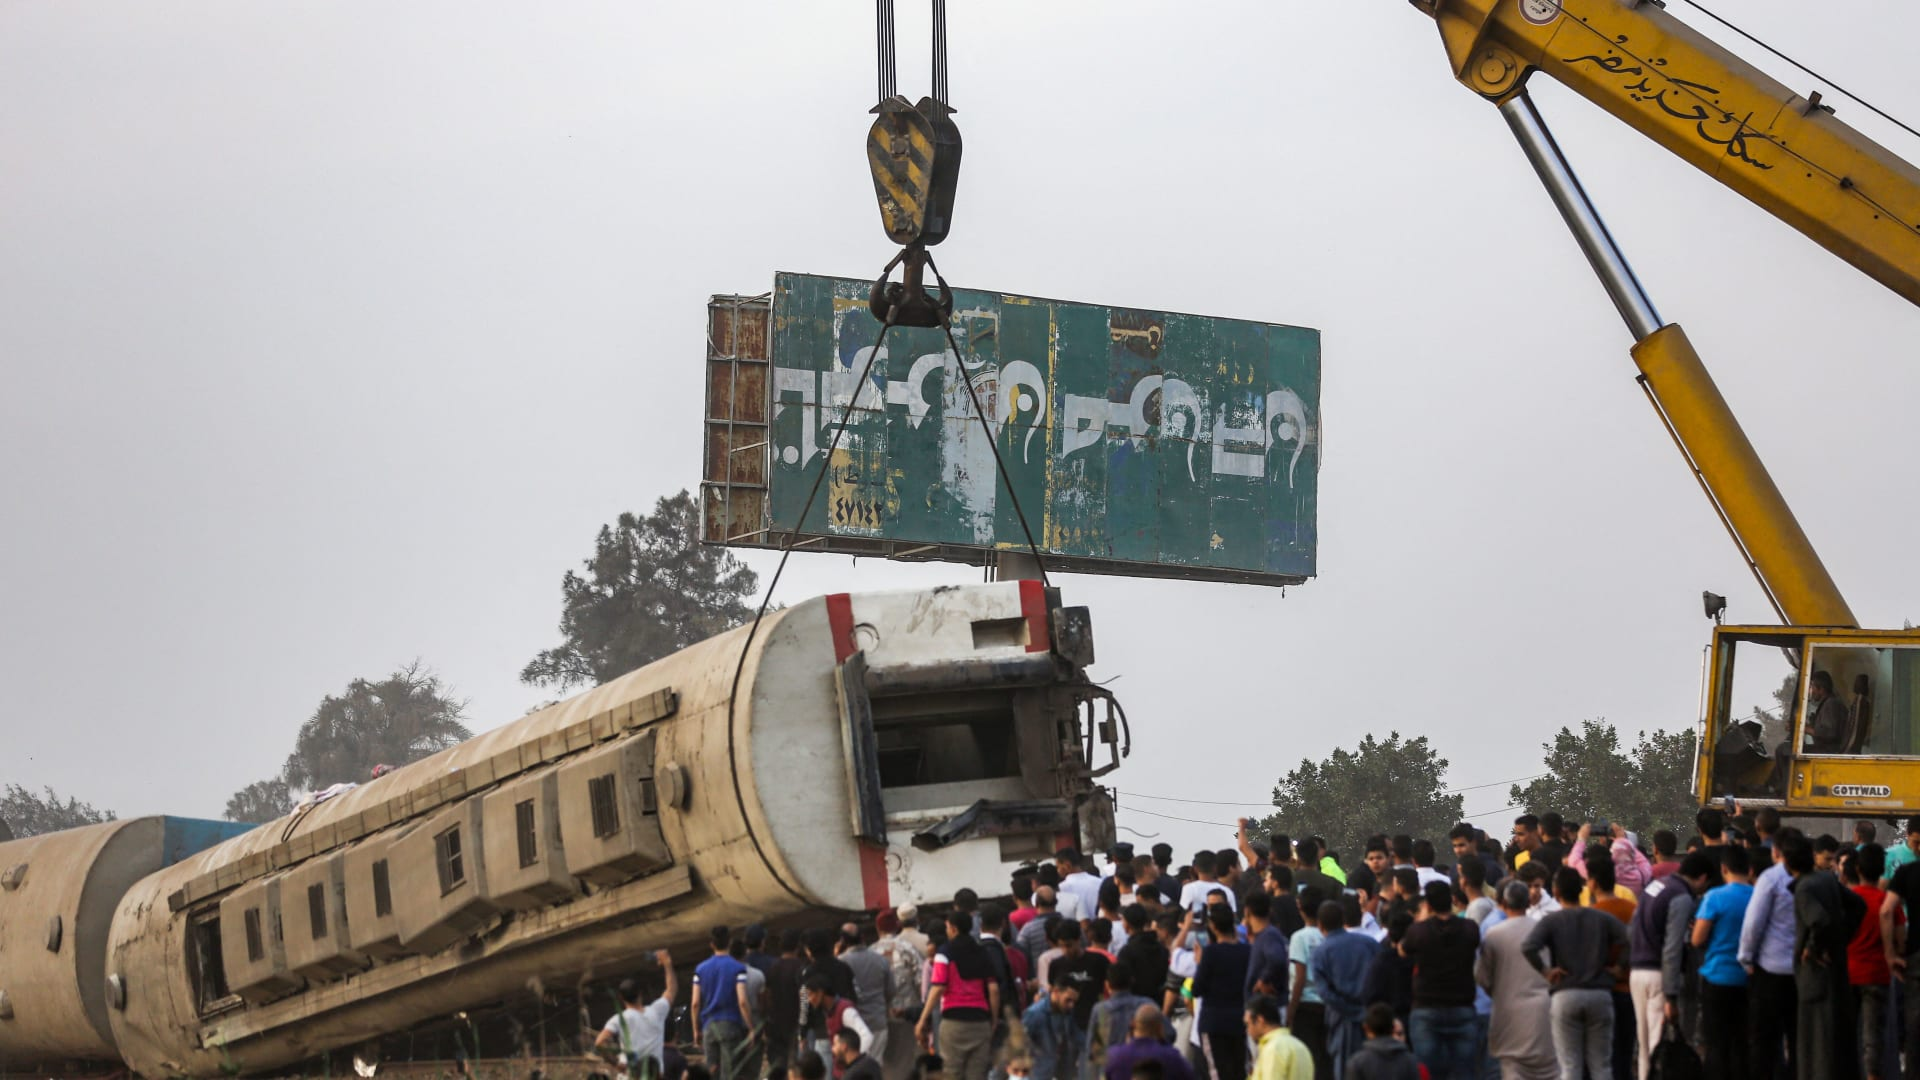 الصحة المصرية: مصرع 11 وإصابة 98 آخرين في حادث قطار طوخ